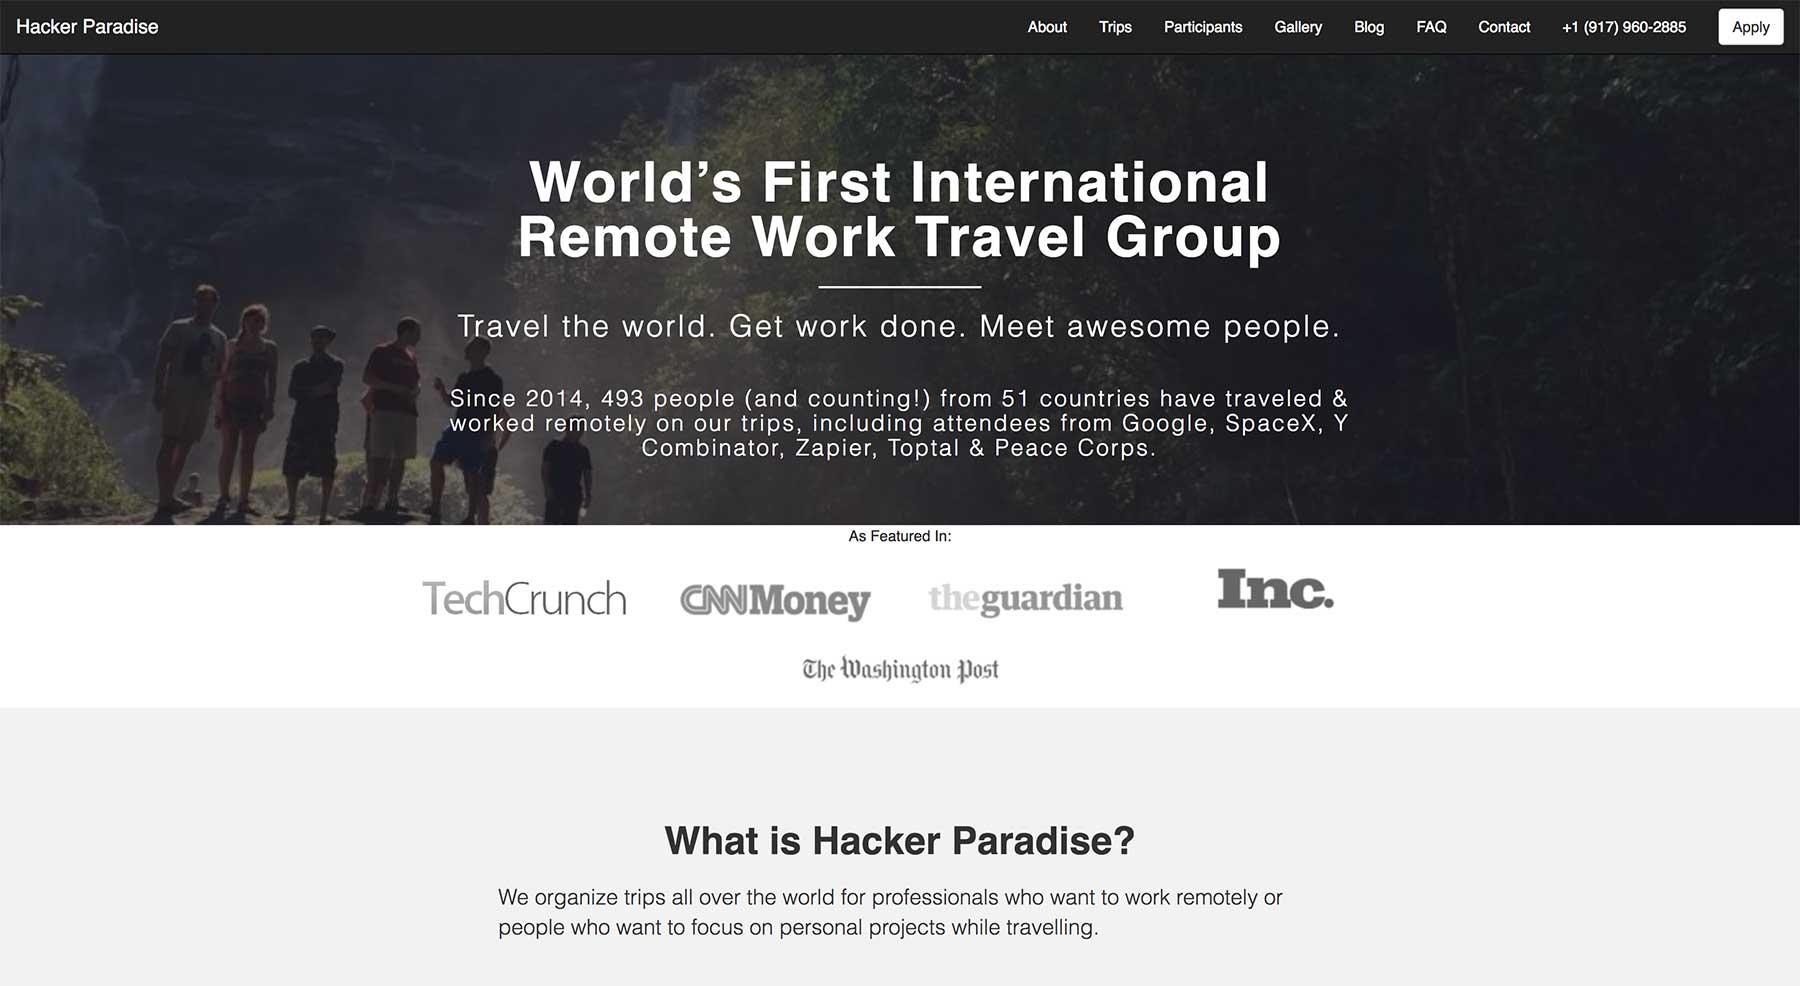 Hacker Paradise site